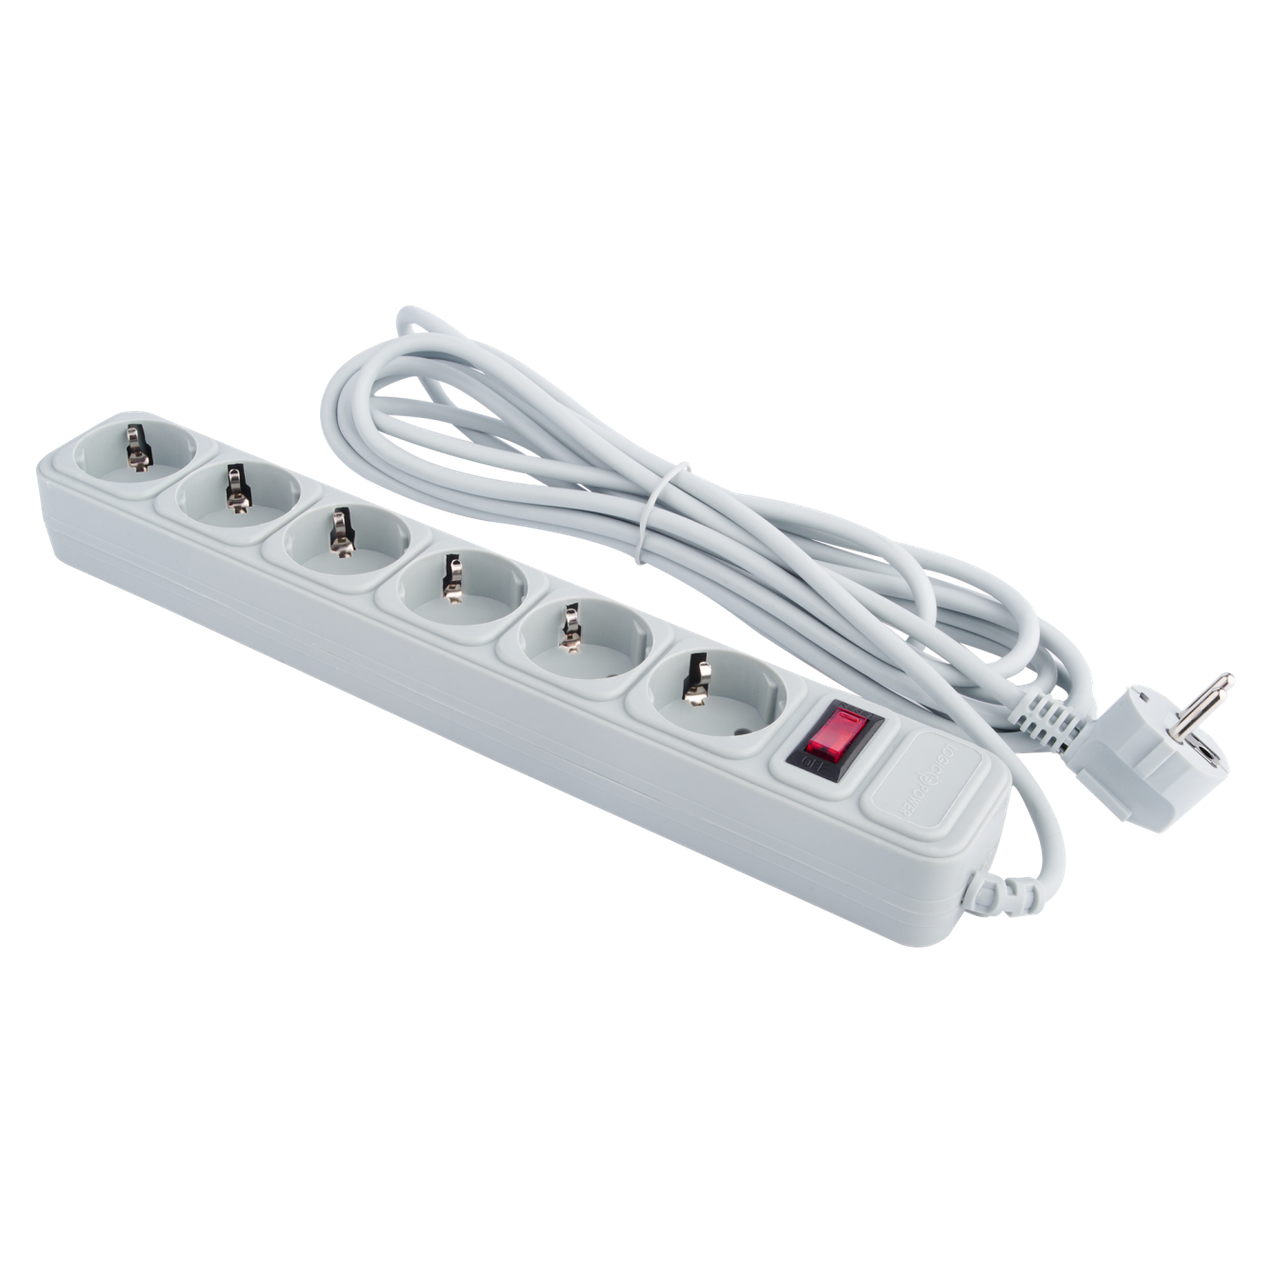 Сетевой электрический фильтр - удлинитель 6 розеток 4,5 м LP-X6 серый